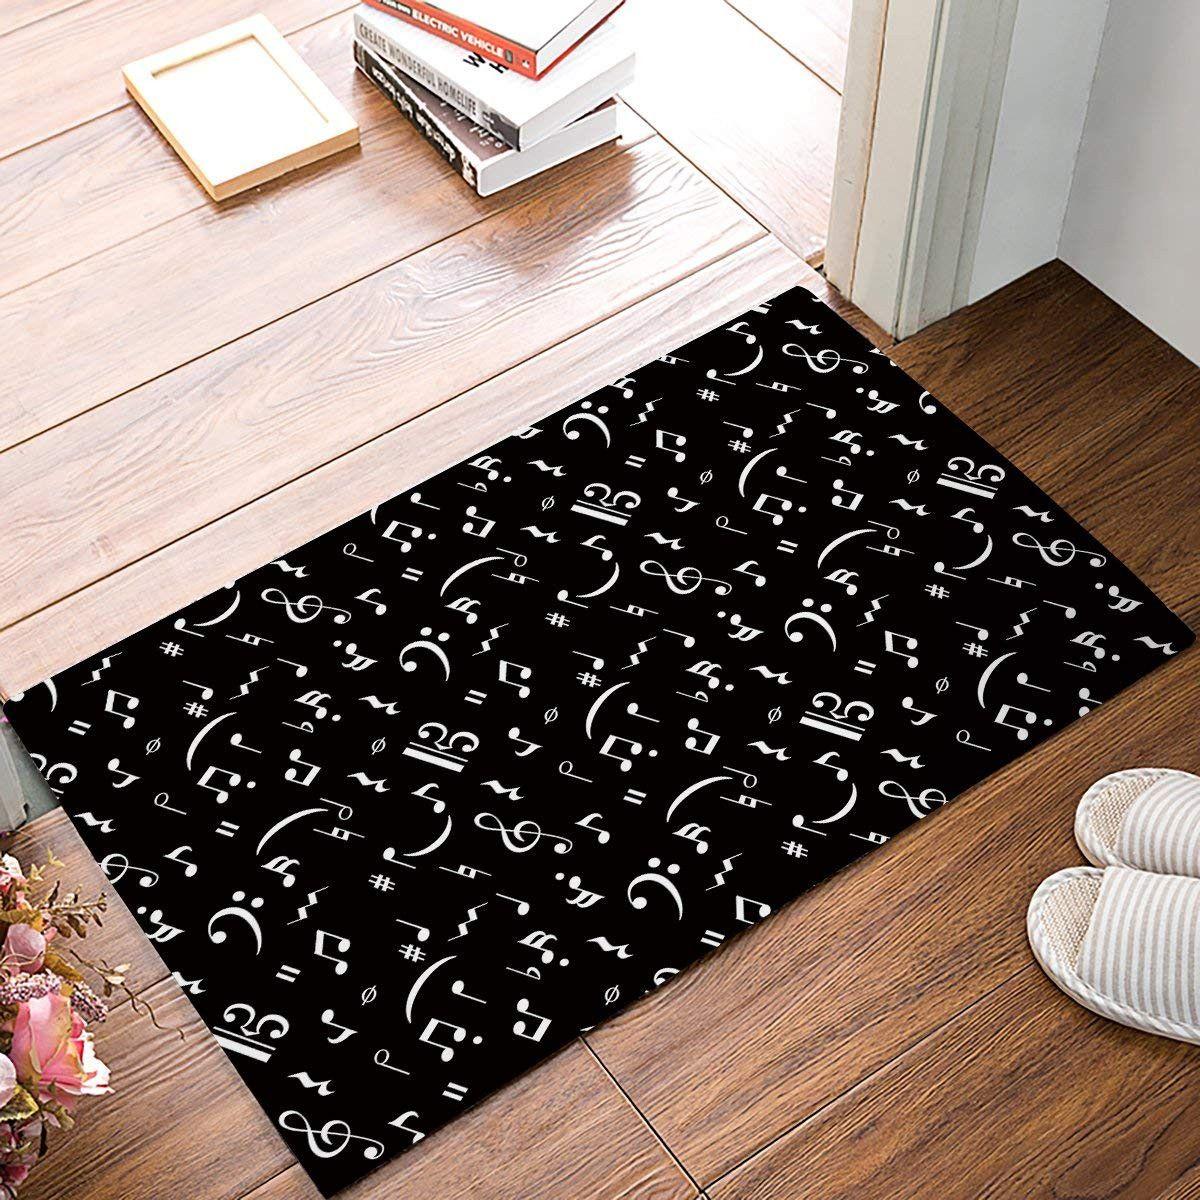 Door Mats Kitchen Floor Bath